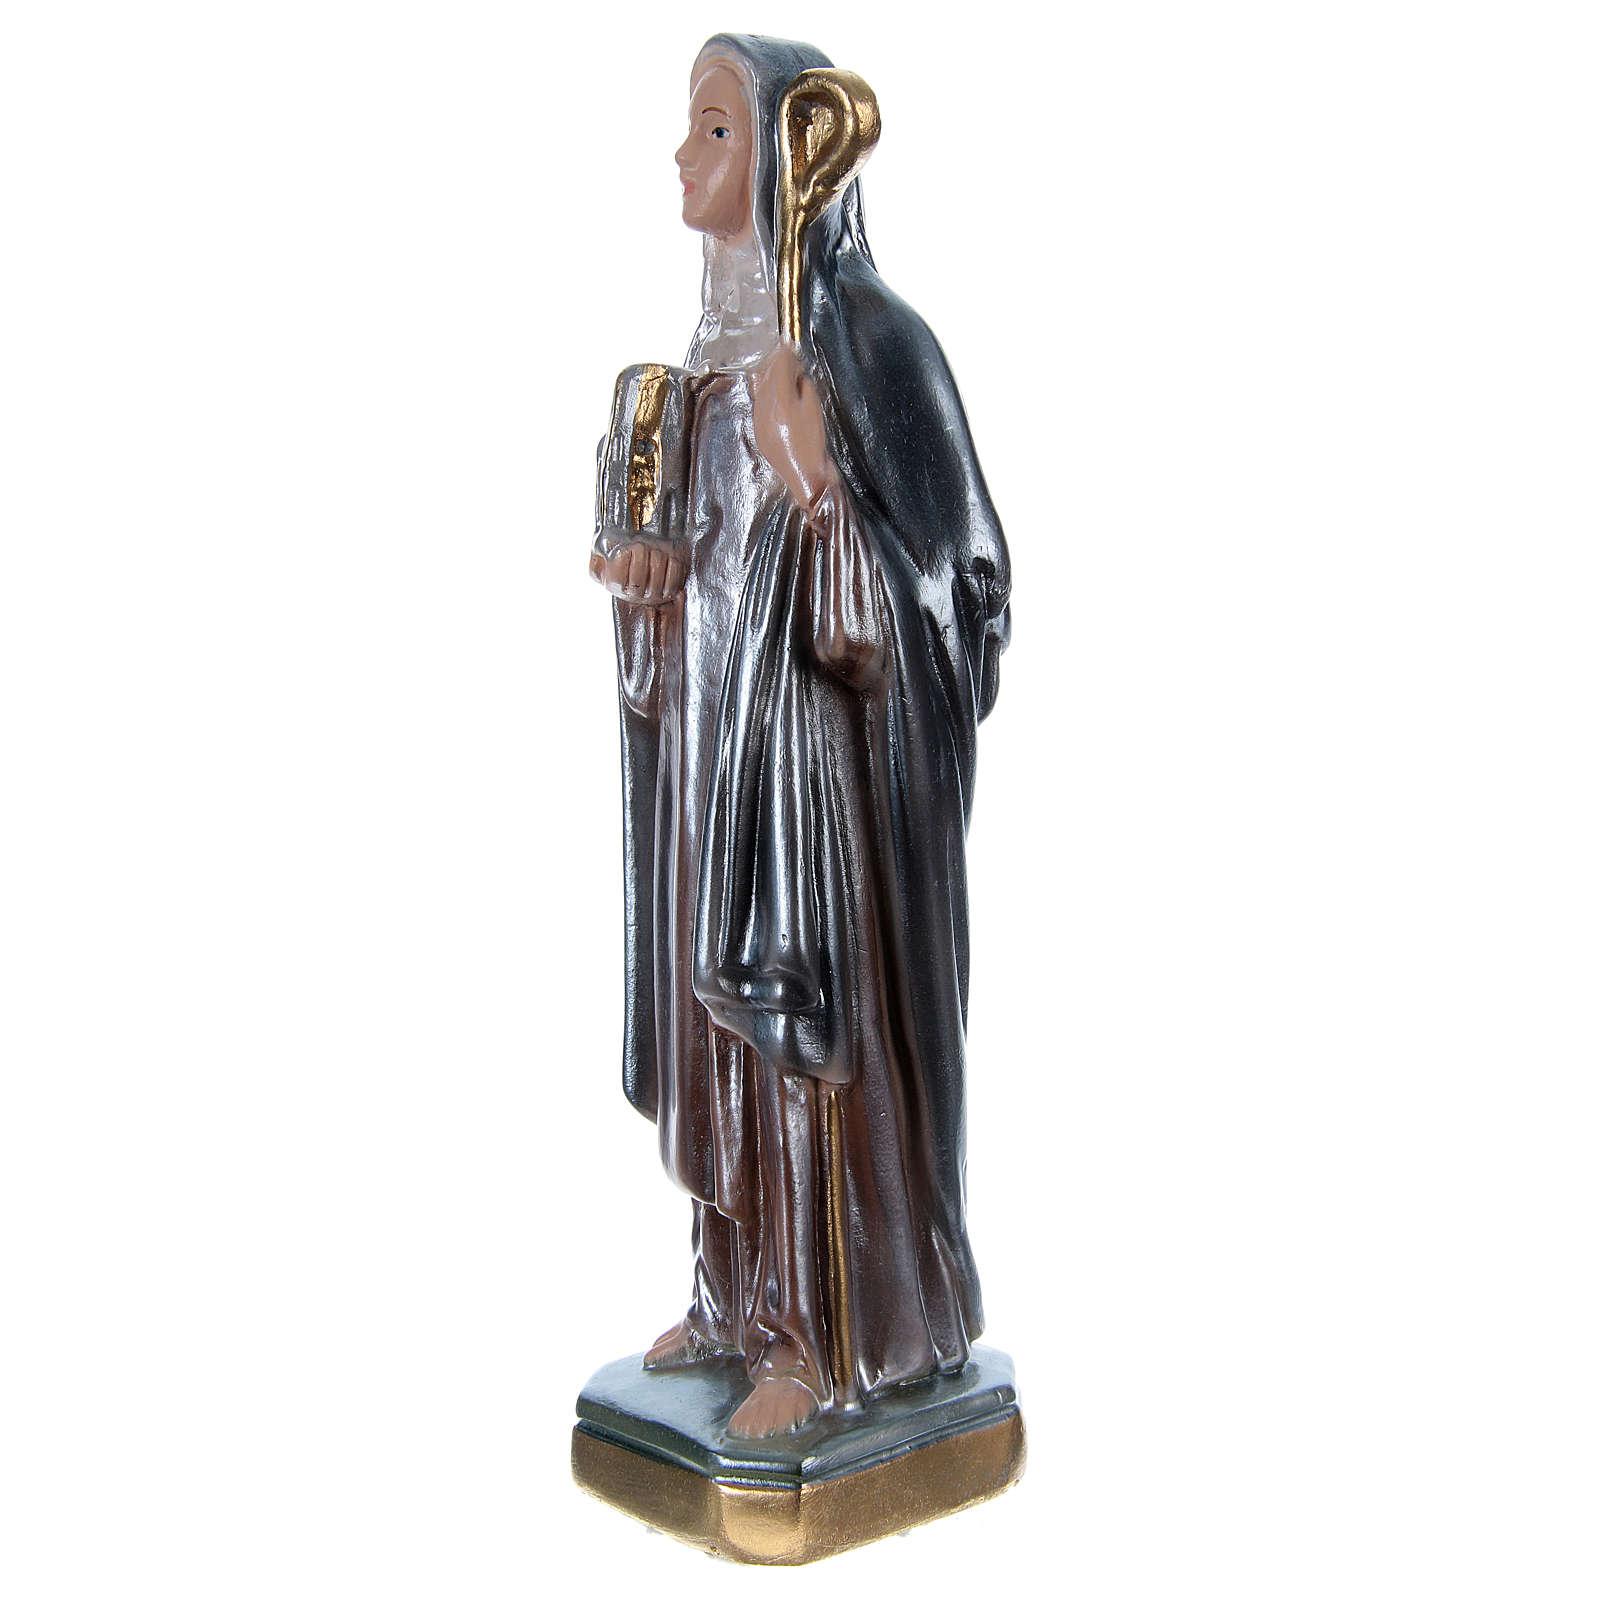 Statua gesso madreperlato Santa Brigitta 20 cm 4